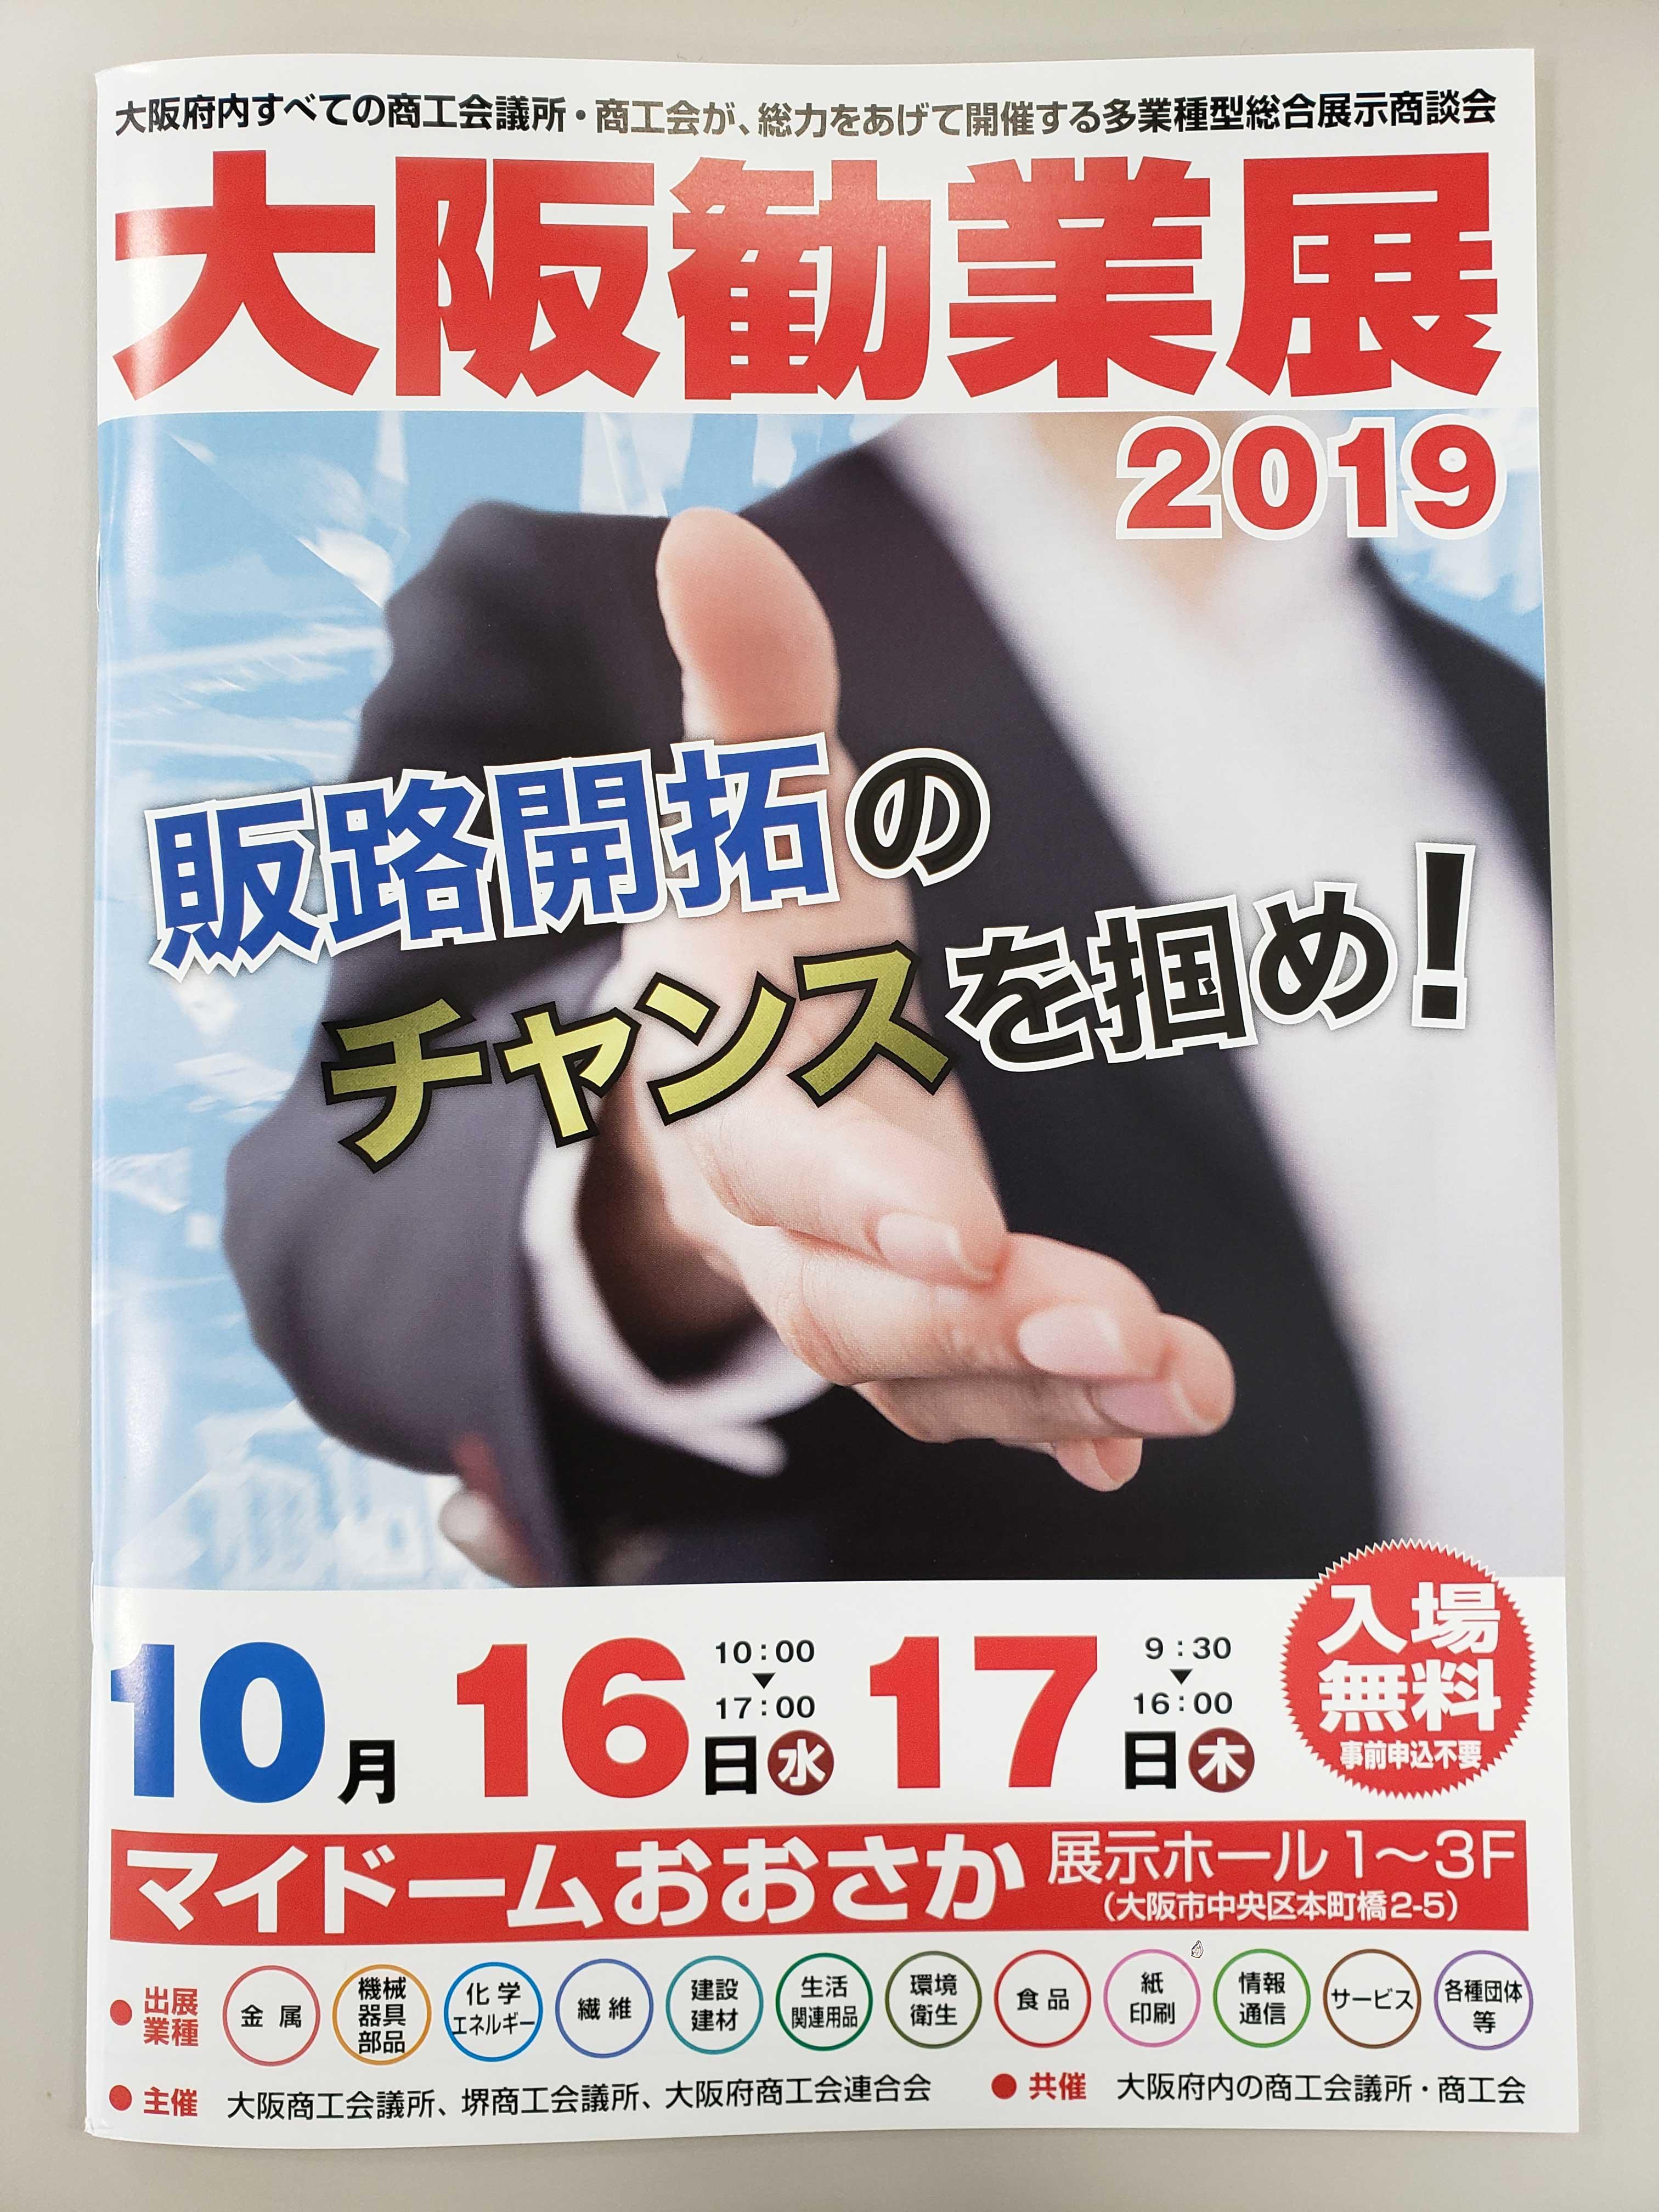 大阪勧業展パンフレット